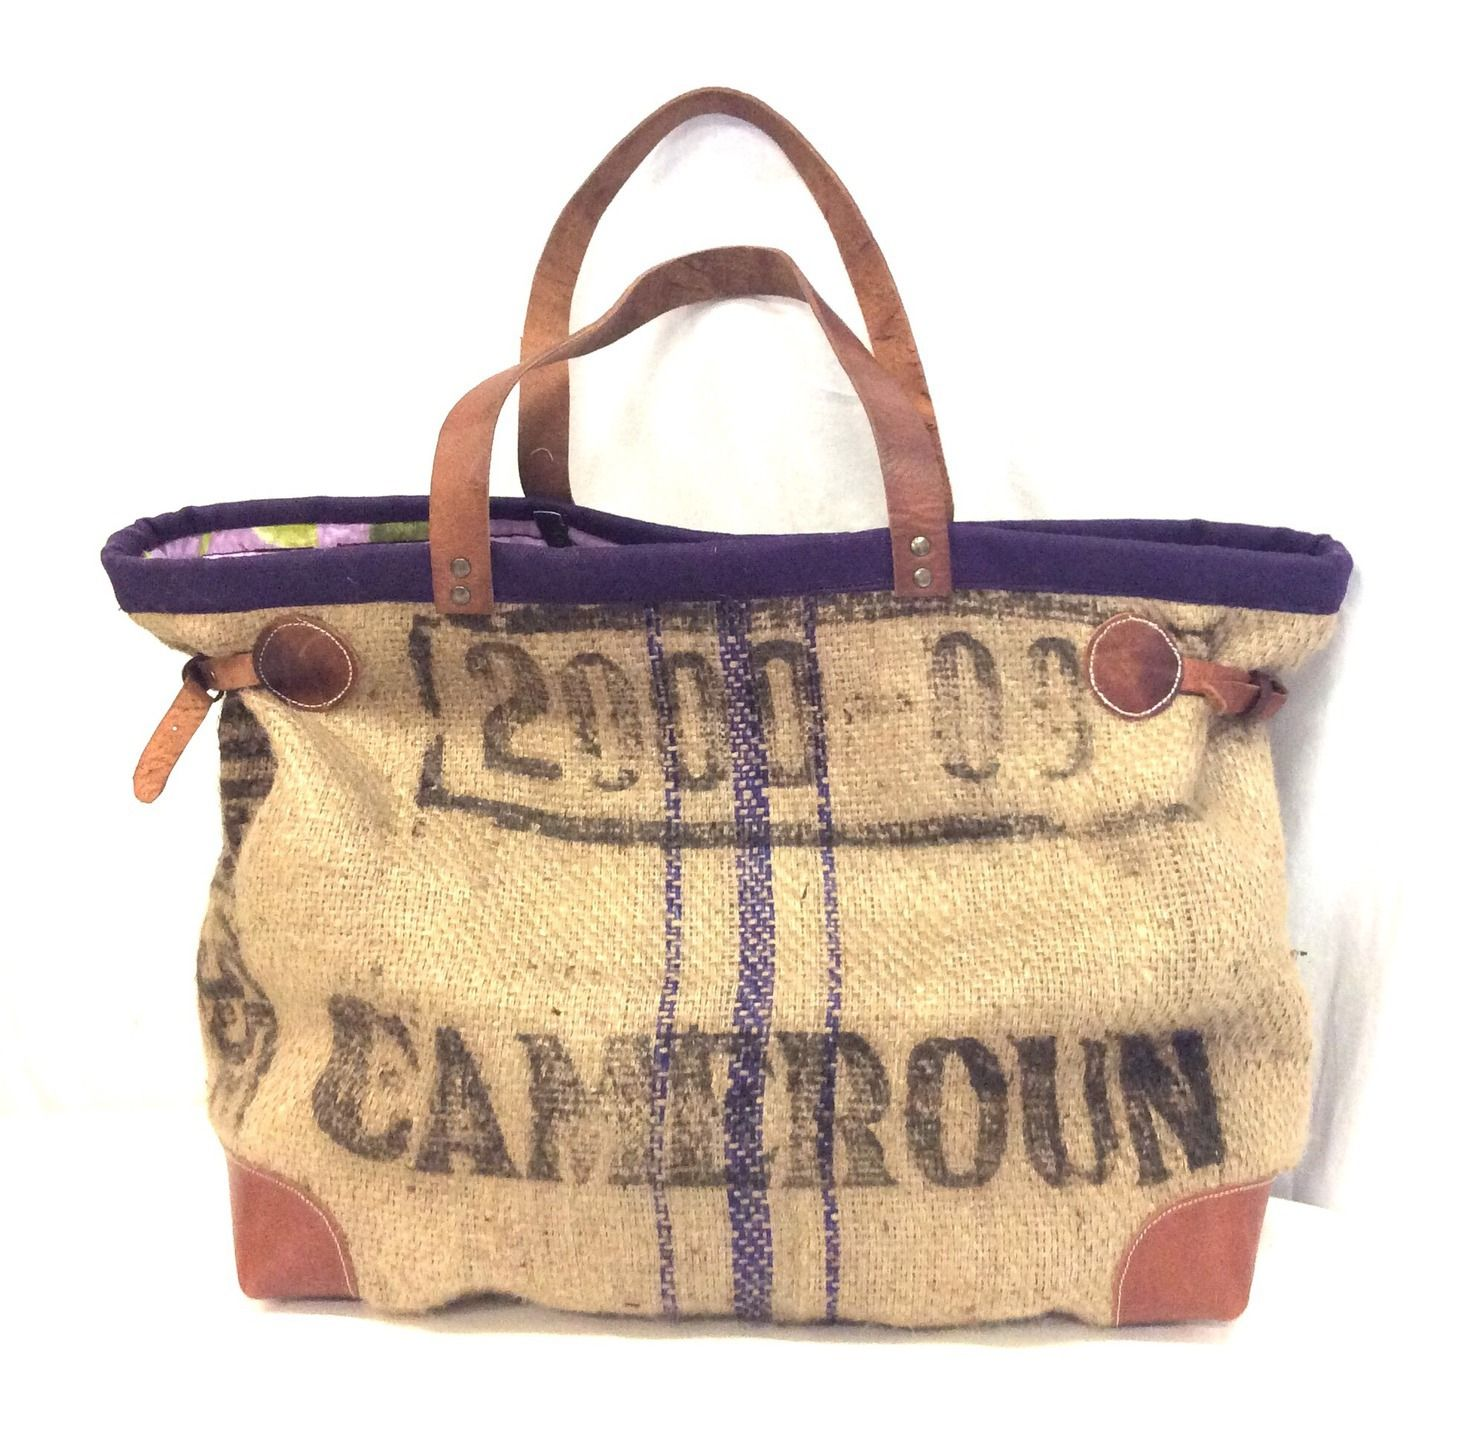 sac cabas toile de jute recycl e violet cuir sac cabas toile sac cabas et jute. Black Bedroom Furniture Sets. Home Design Ideas